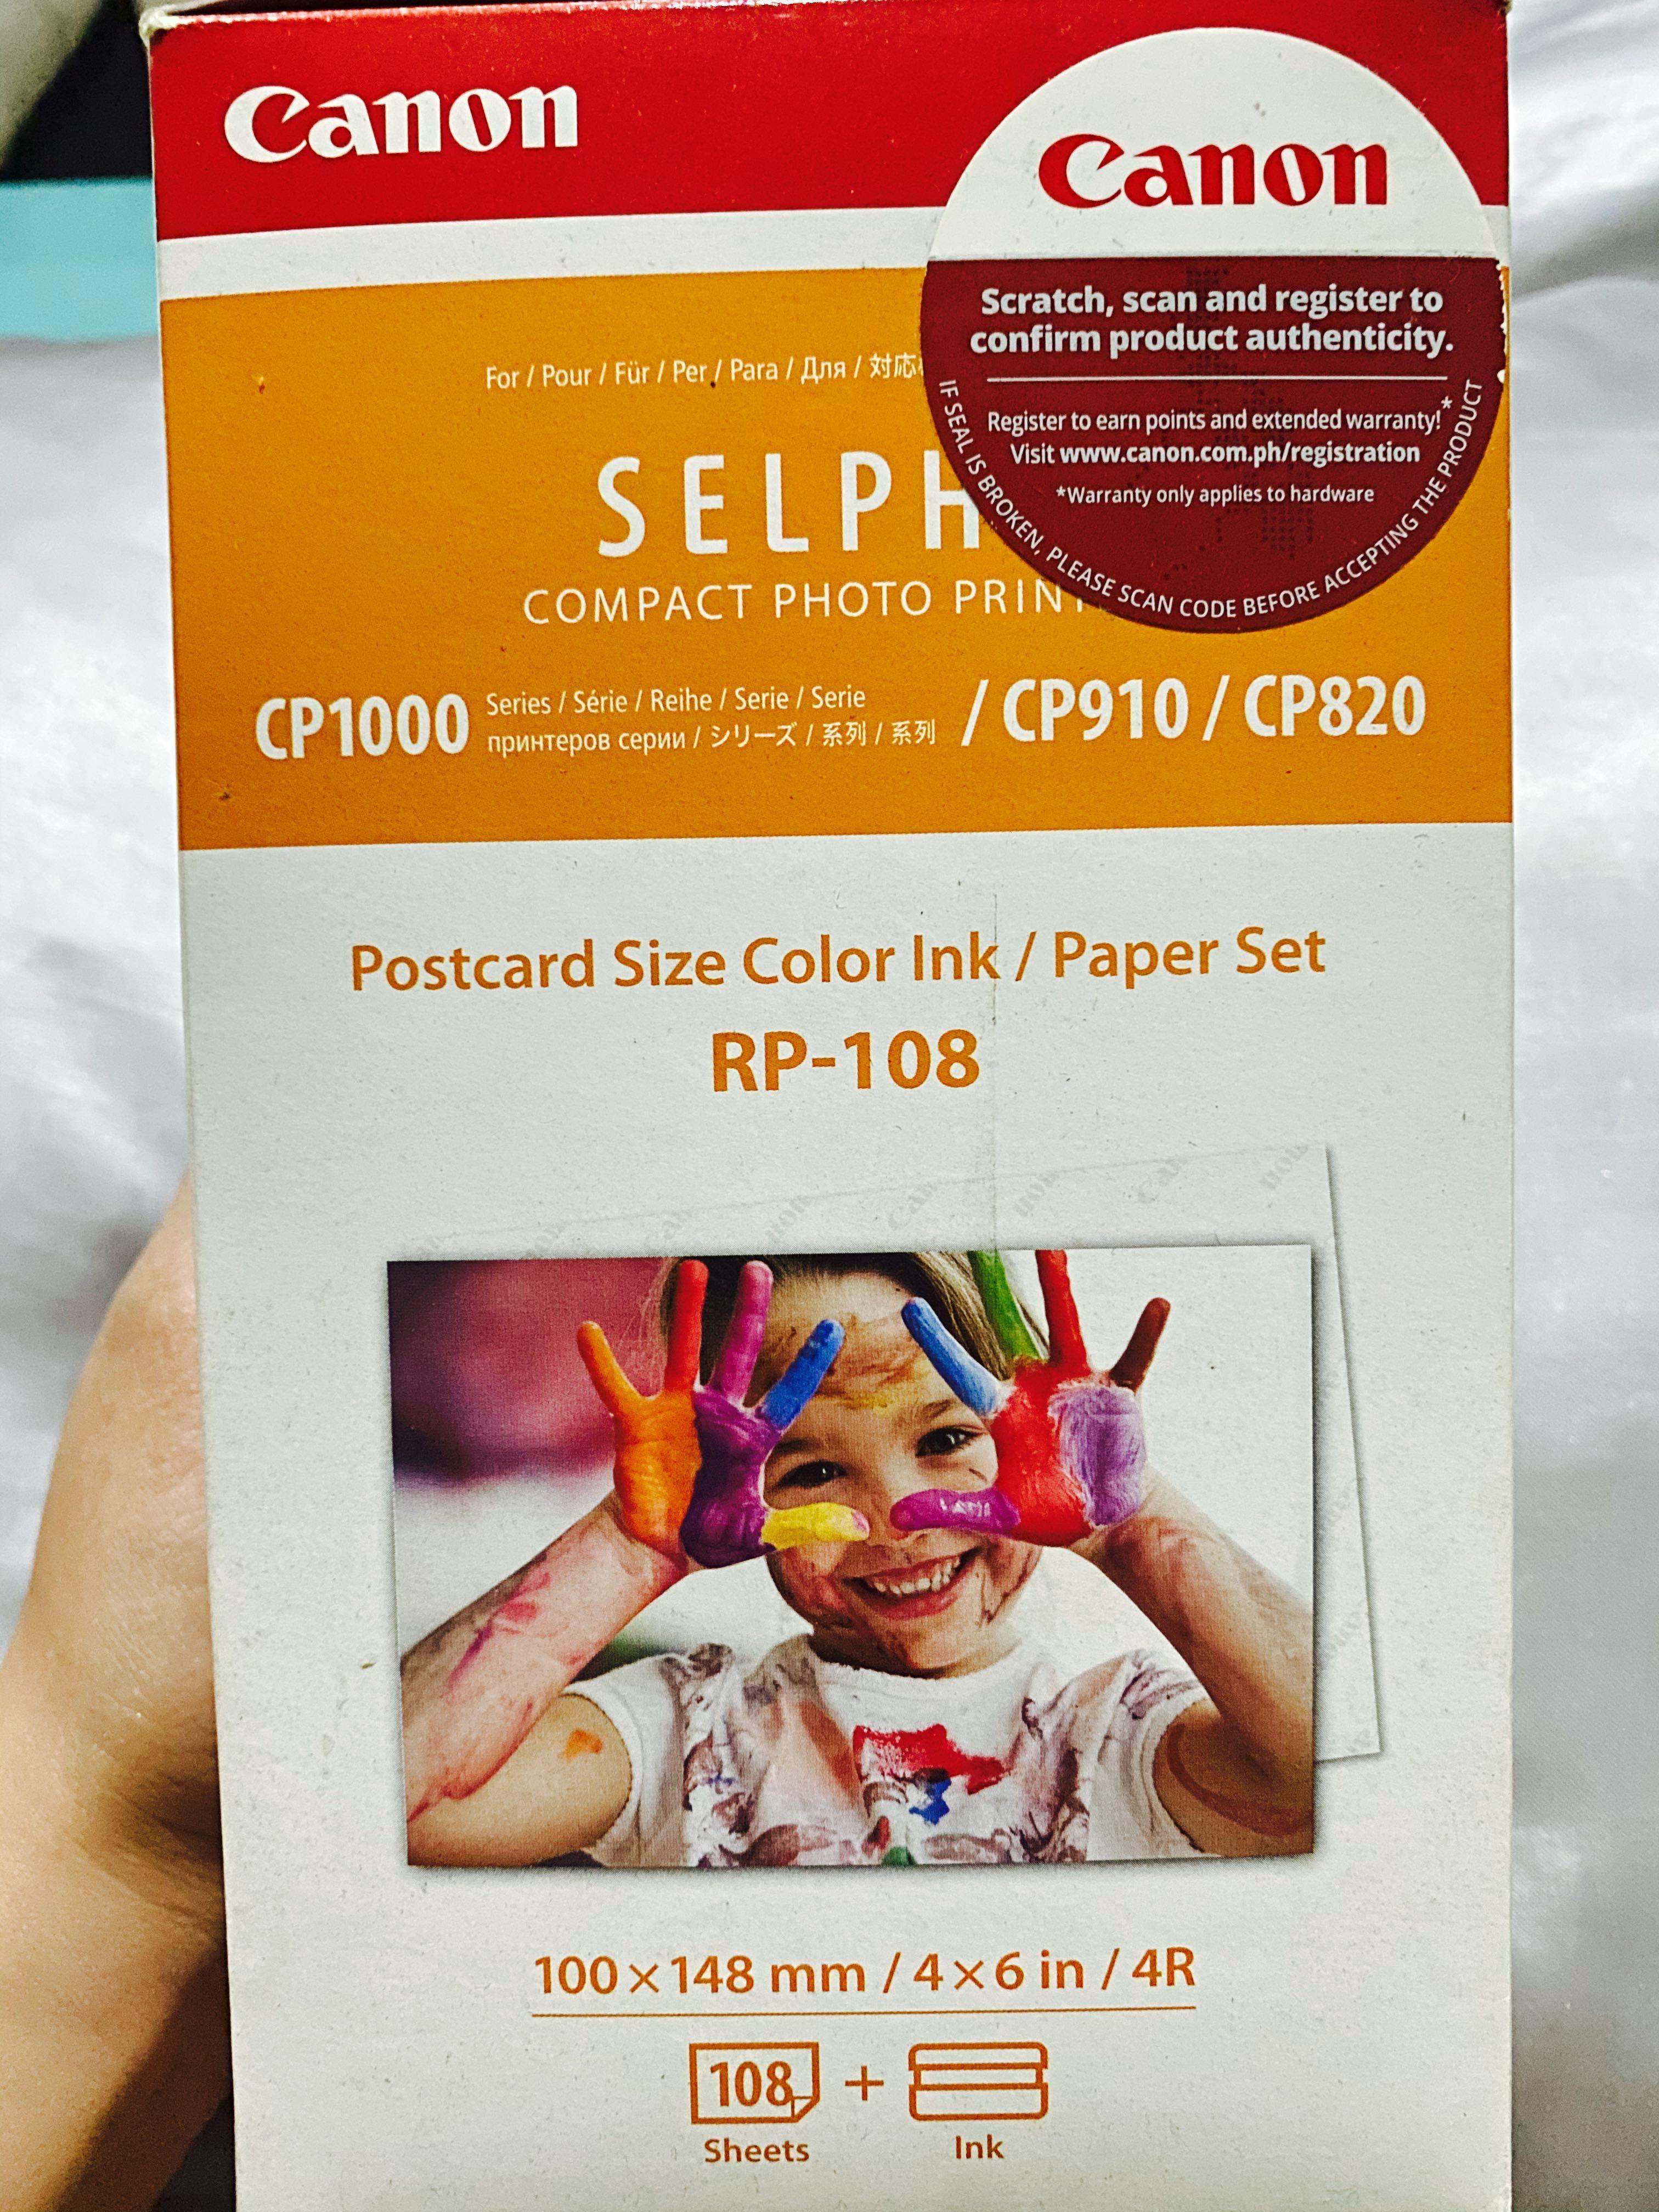 Canon Postcard Size Color Ink /Paper Set RP-108